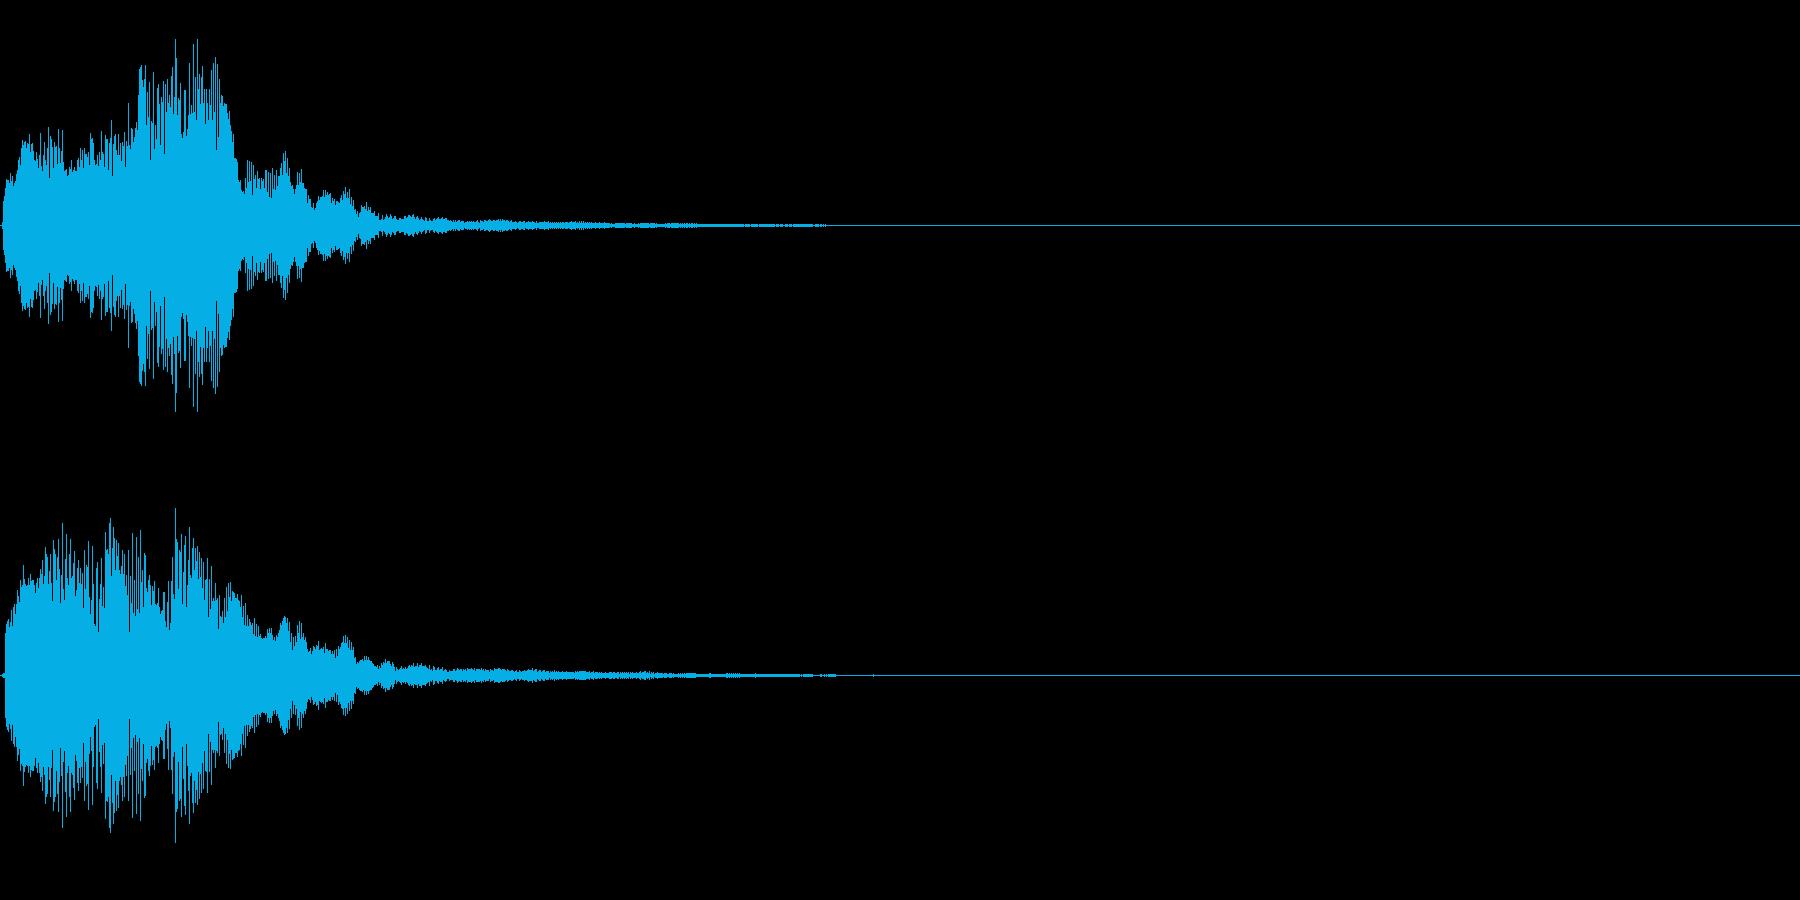 キラリン音A8 2音色×8フレーズの再生済みの波形